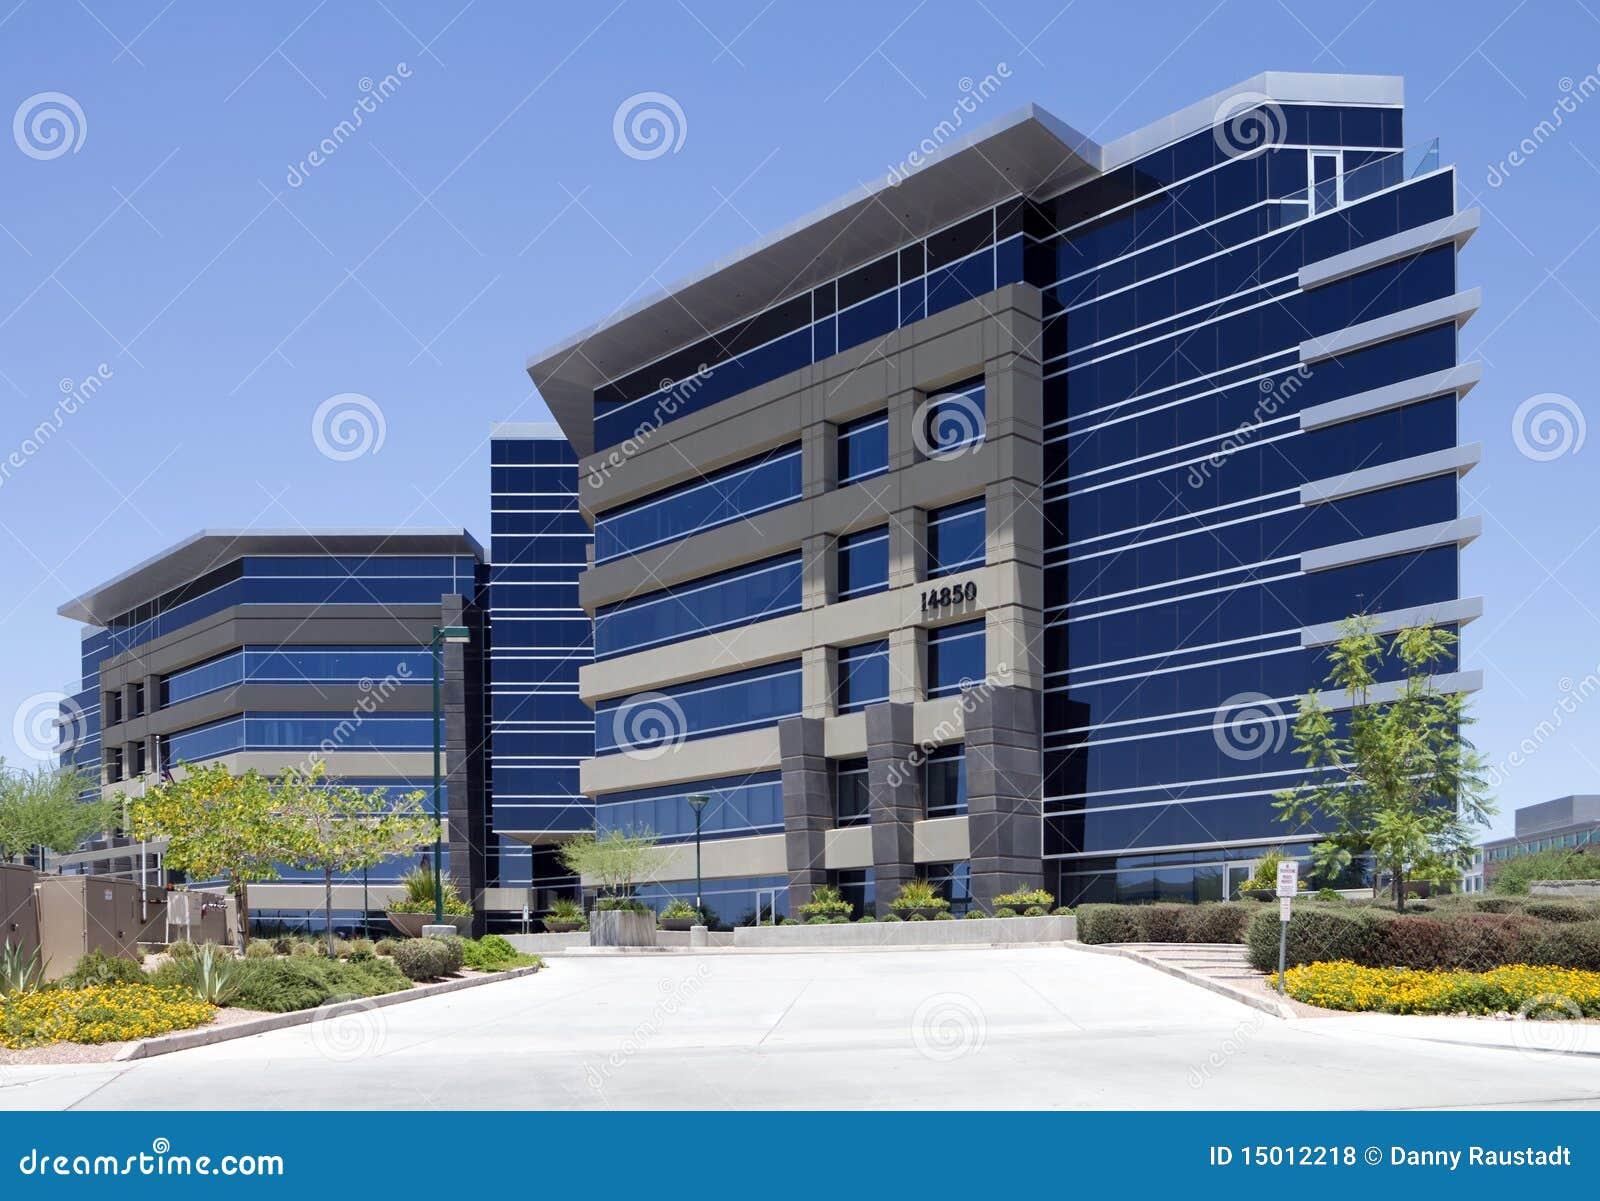 Ufficio Nuovo Xl : Nuovo esterno corporativo moderno delledificio per uffici